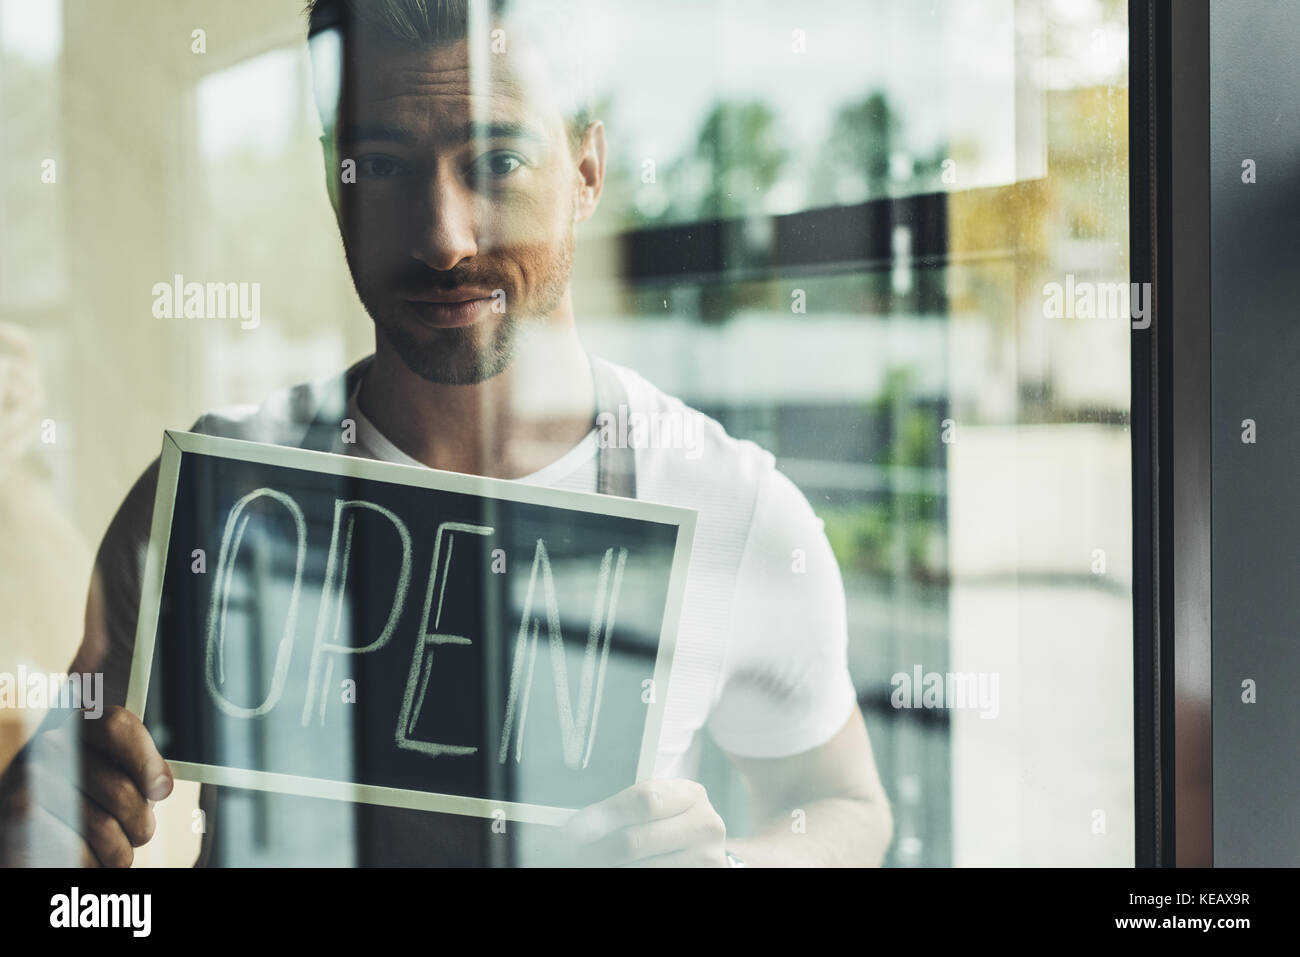 Kellner holding Schiefertafel mit Öffnen Sie Word Stockbild